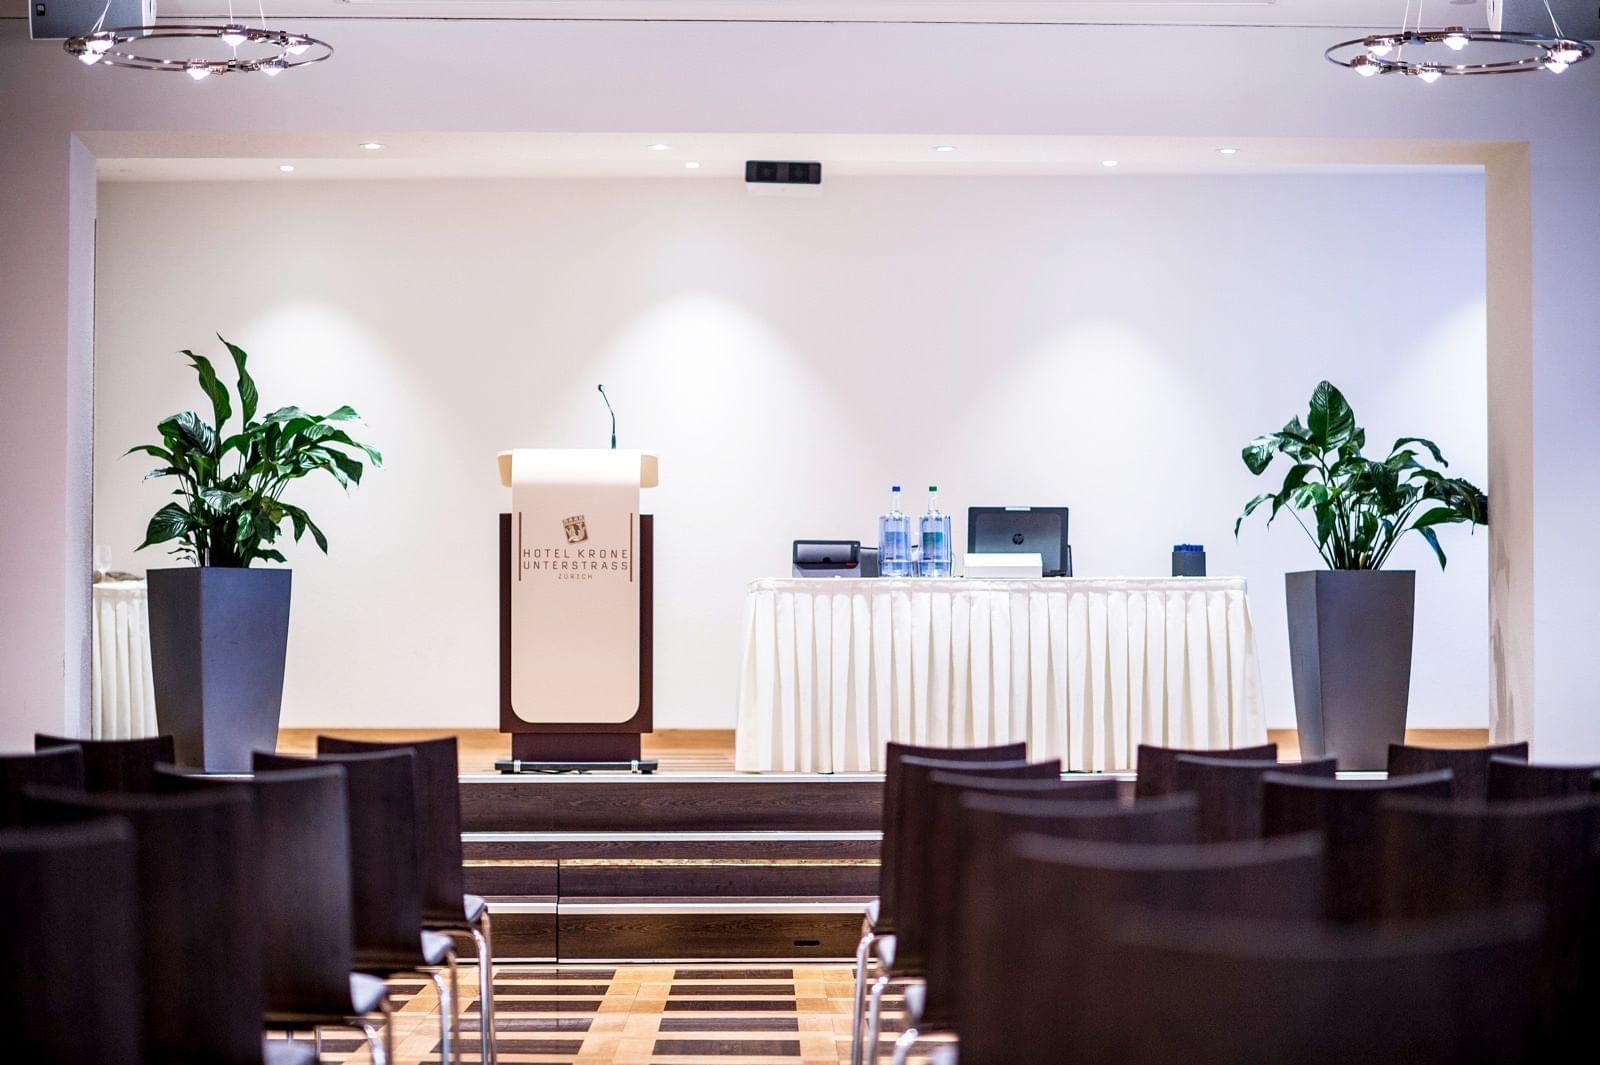 Events im Hotel Krone Unterstrass in Zürich